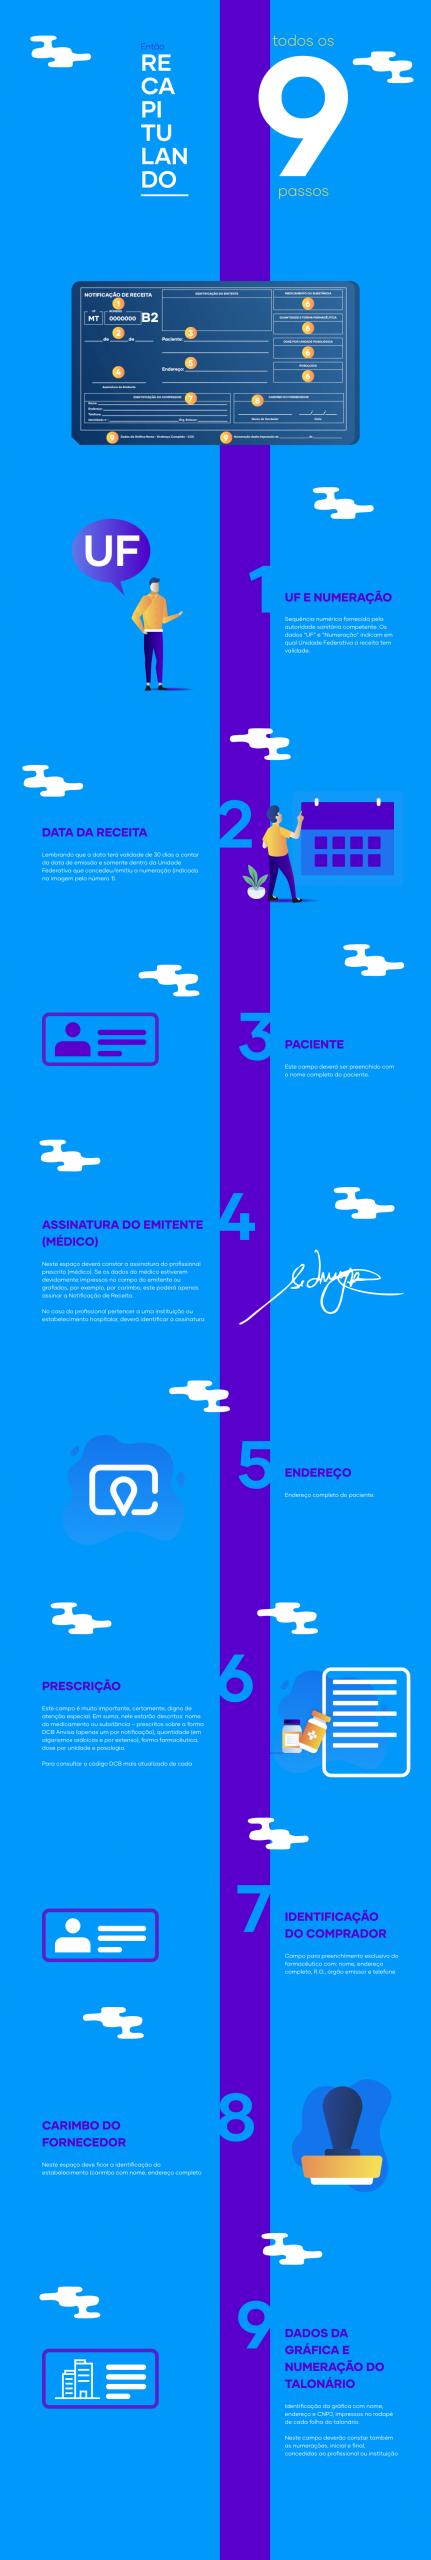 Infográfico: Como preencher receita azul